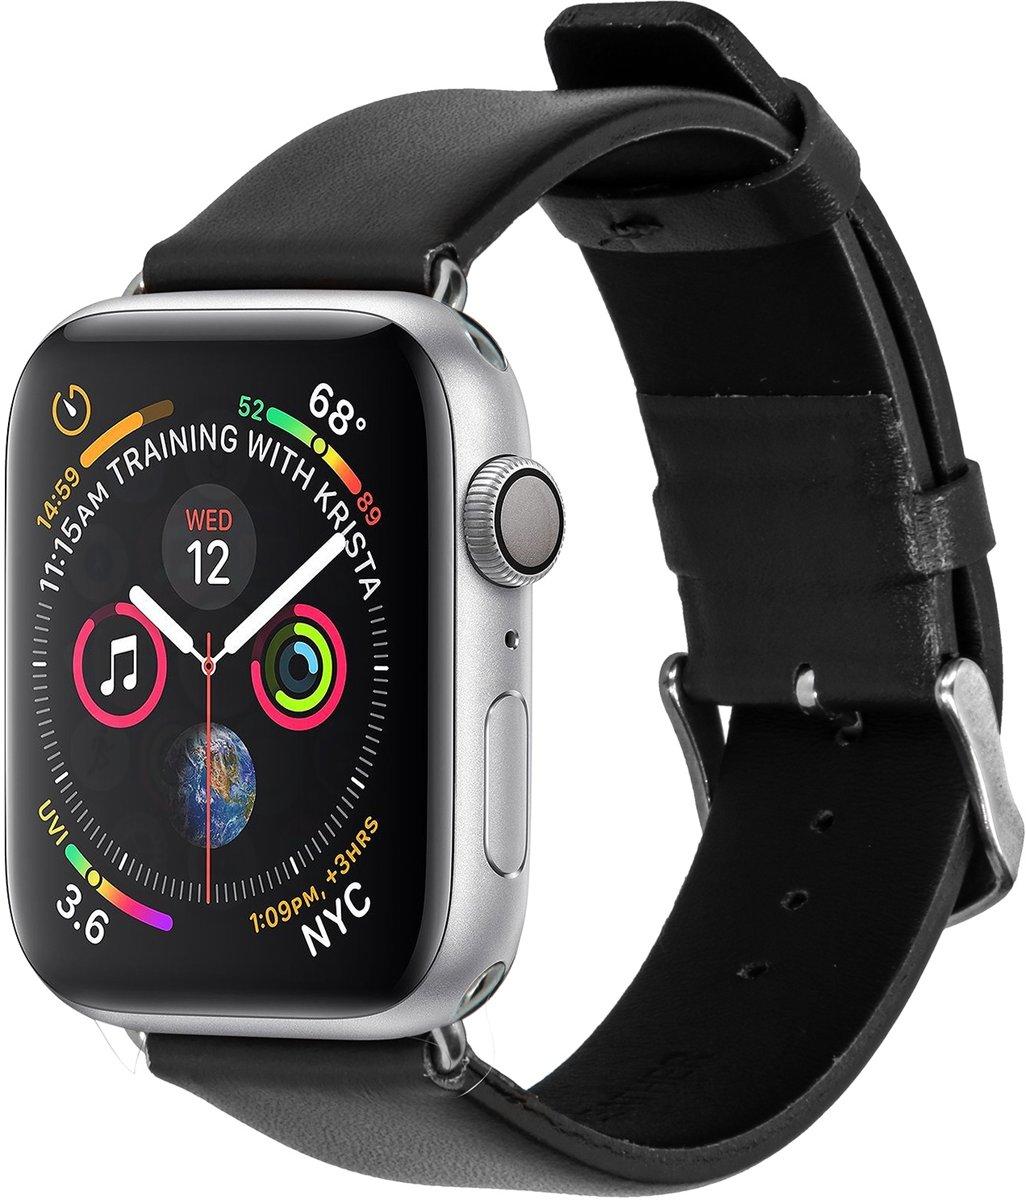 Zwart effen lederen bandje voor de Apple Watch 44 mm / 42 mm kopen